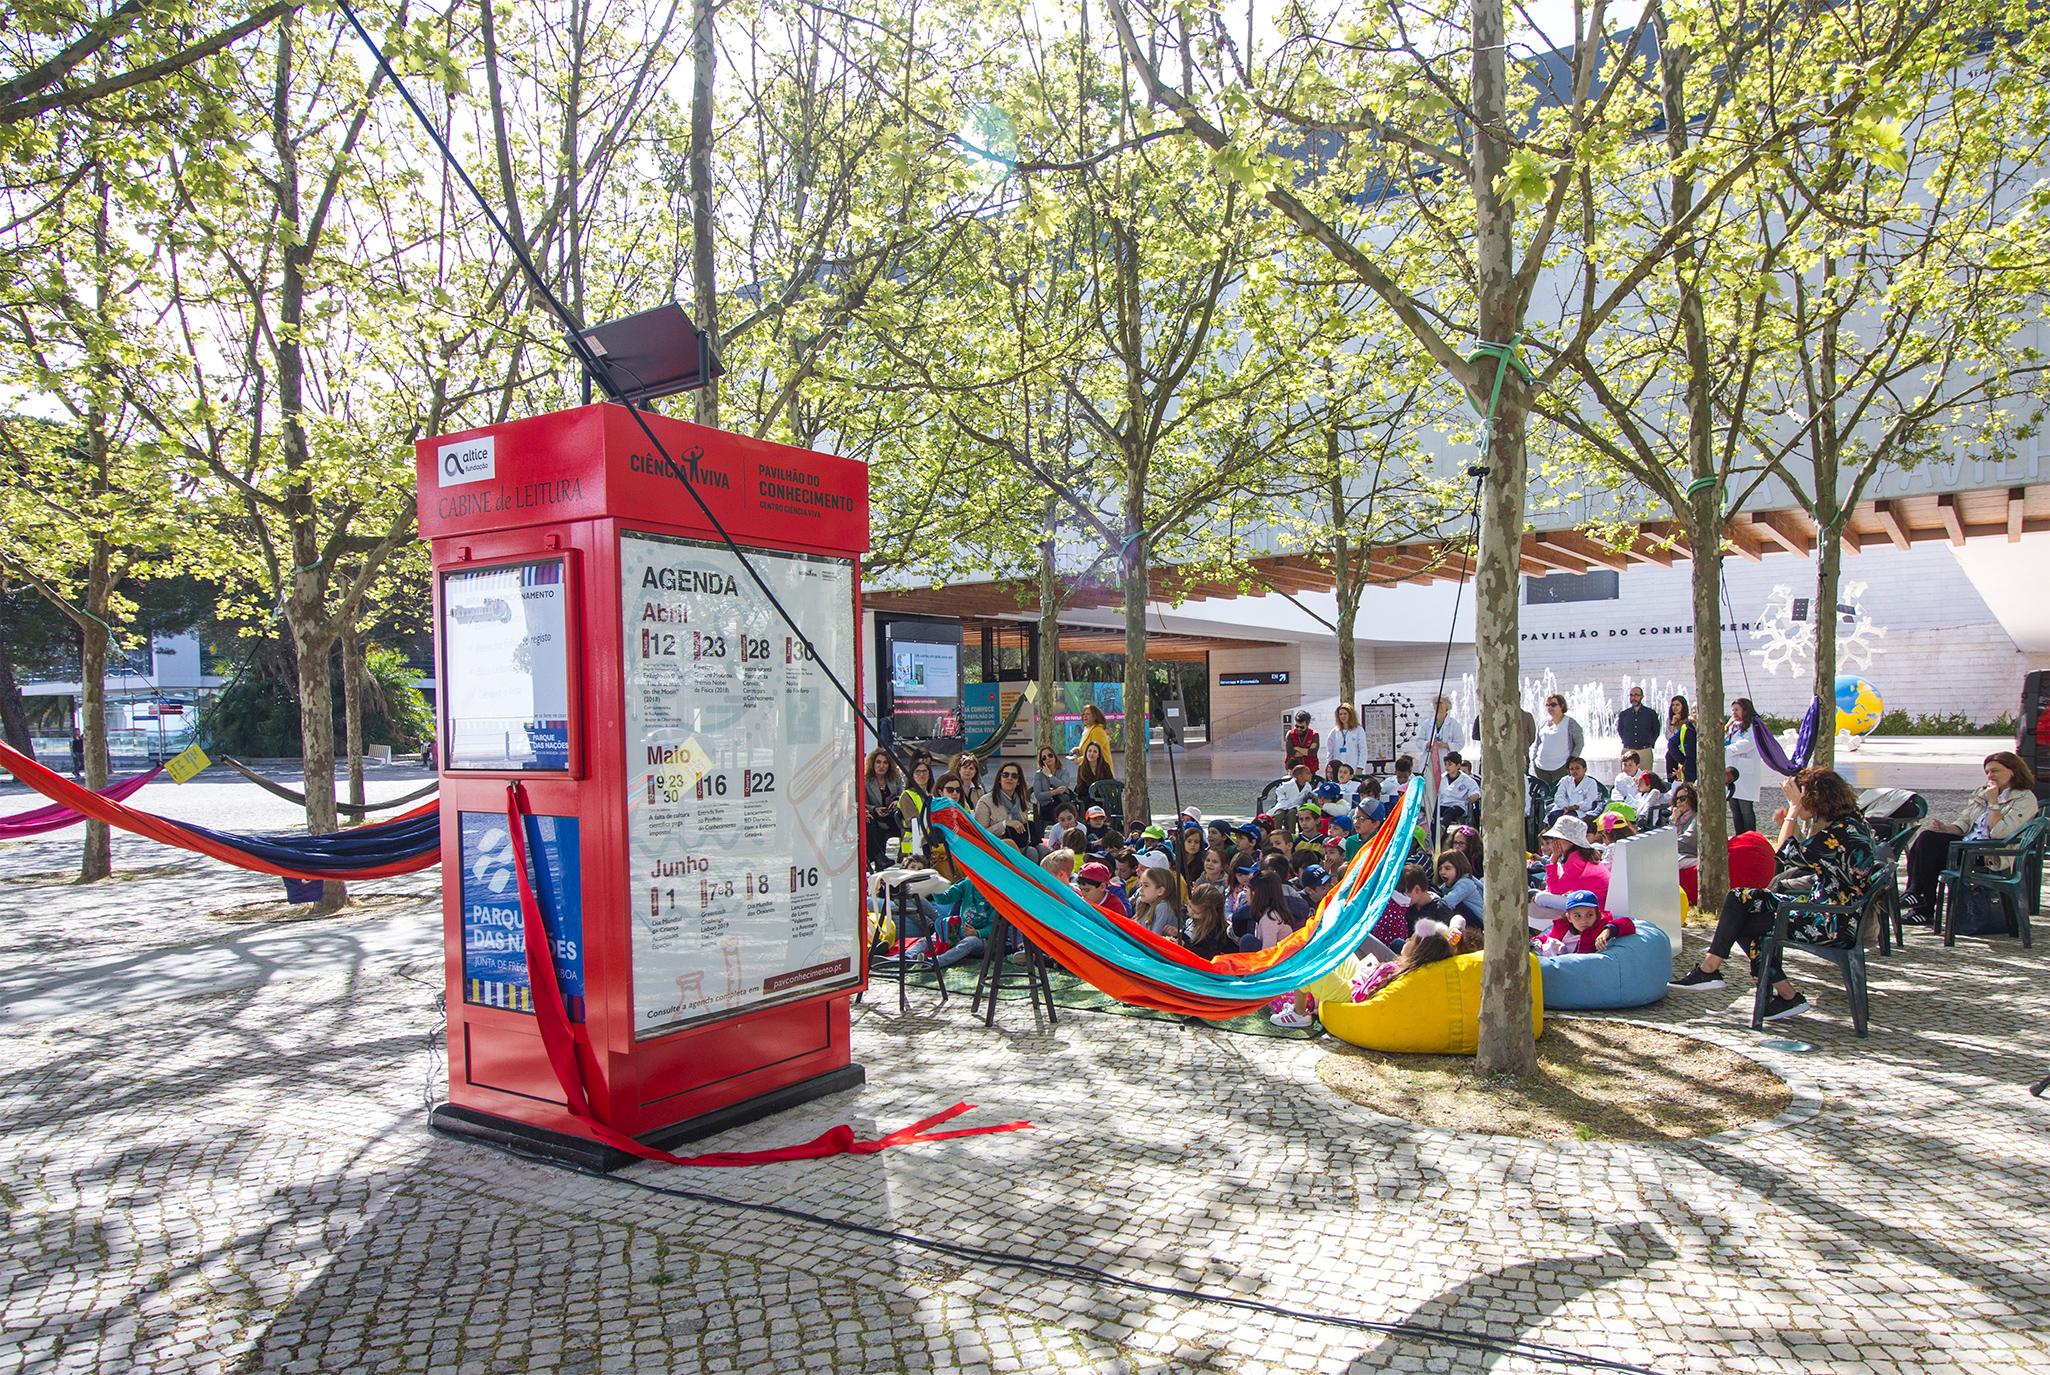 cabine de leitura - pavilhão